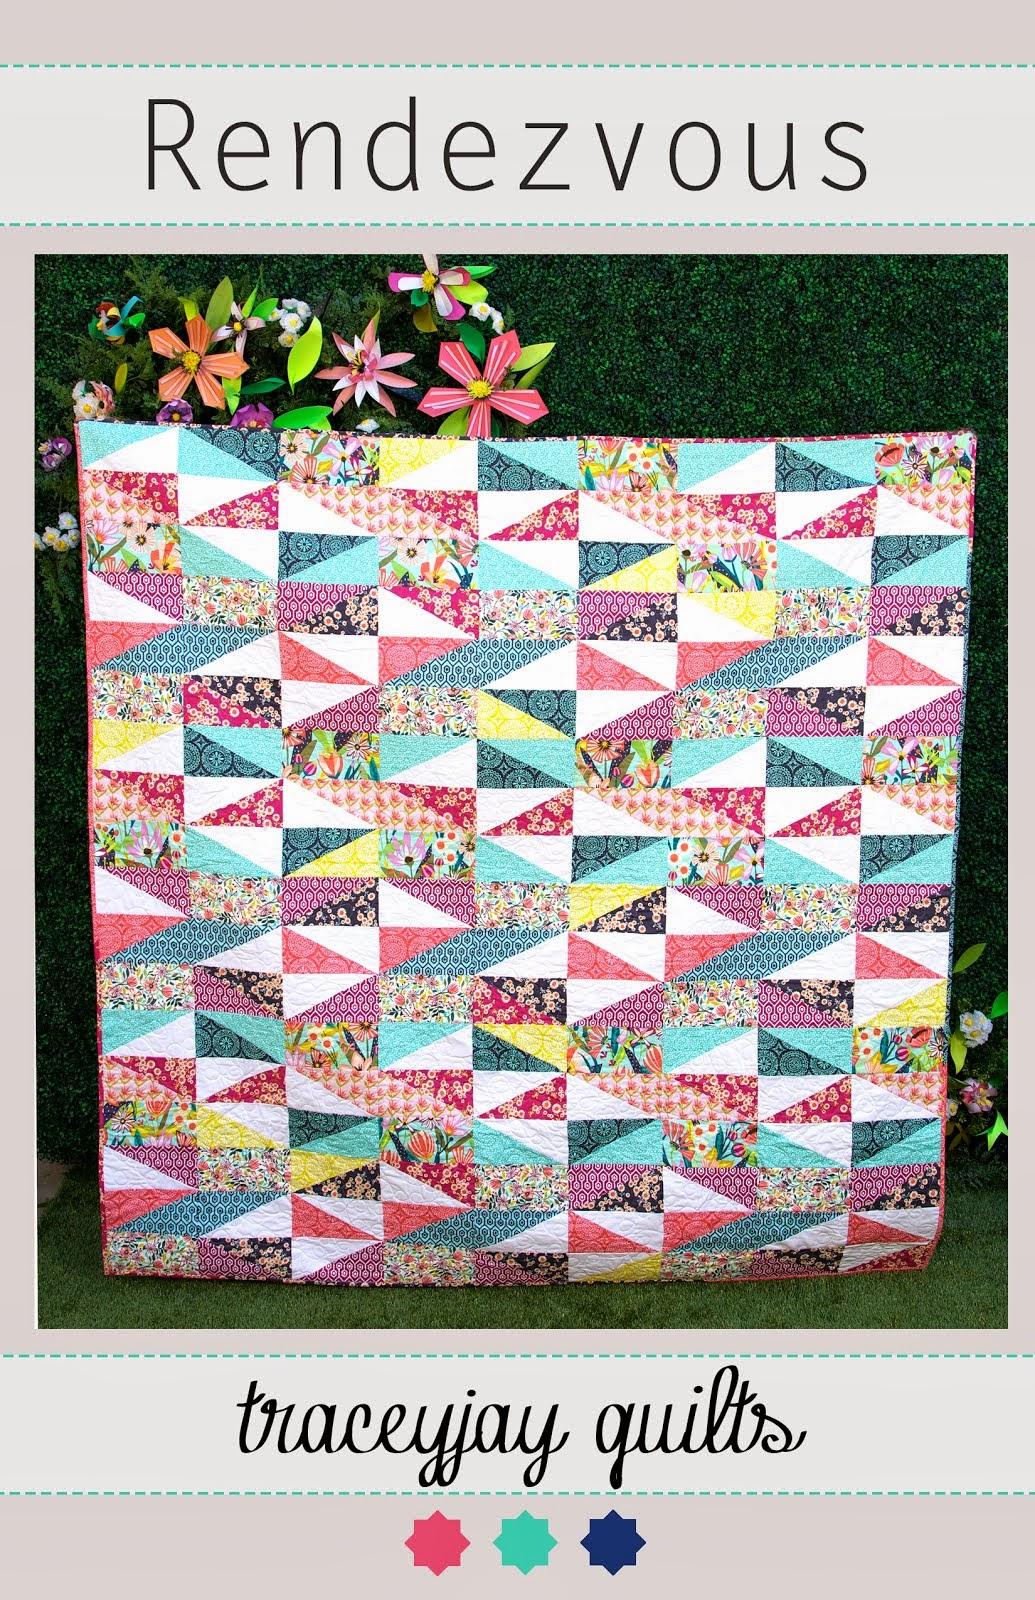 Rendezvous Quilt pattern